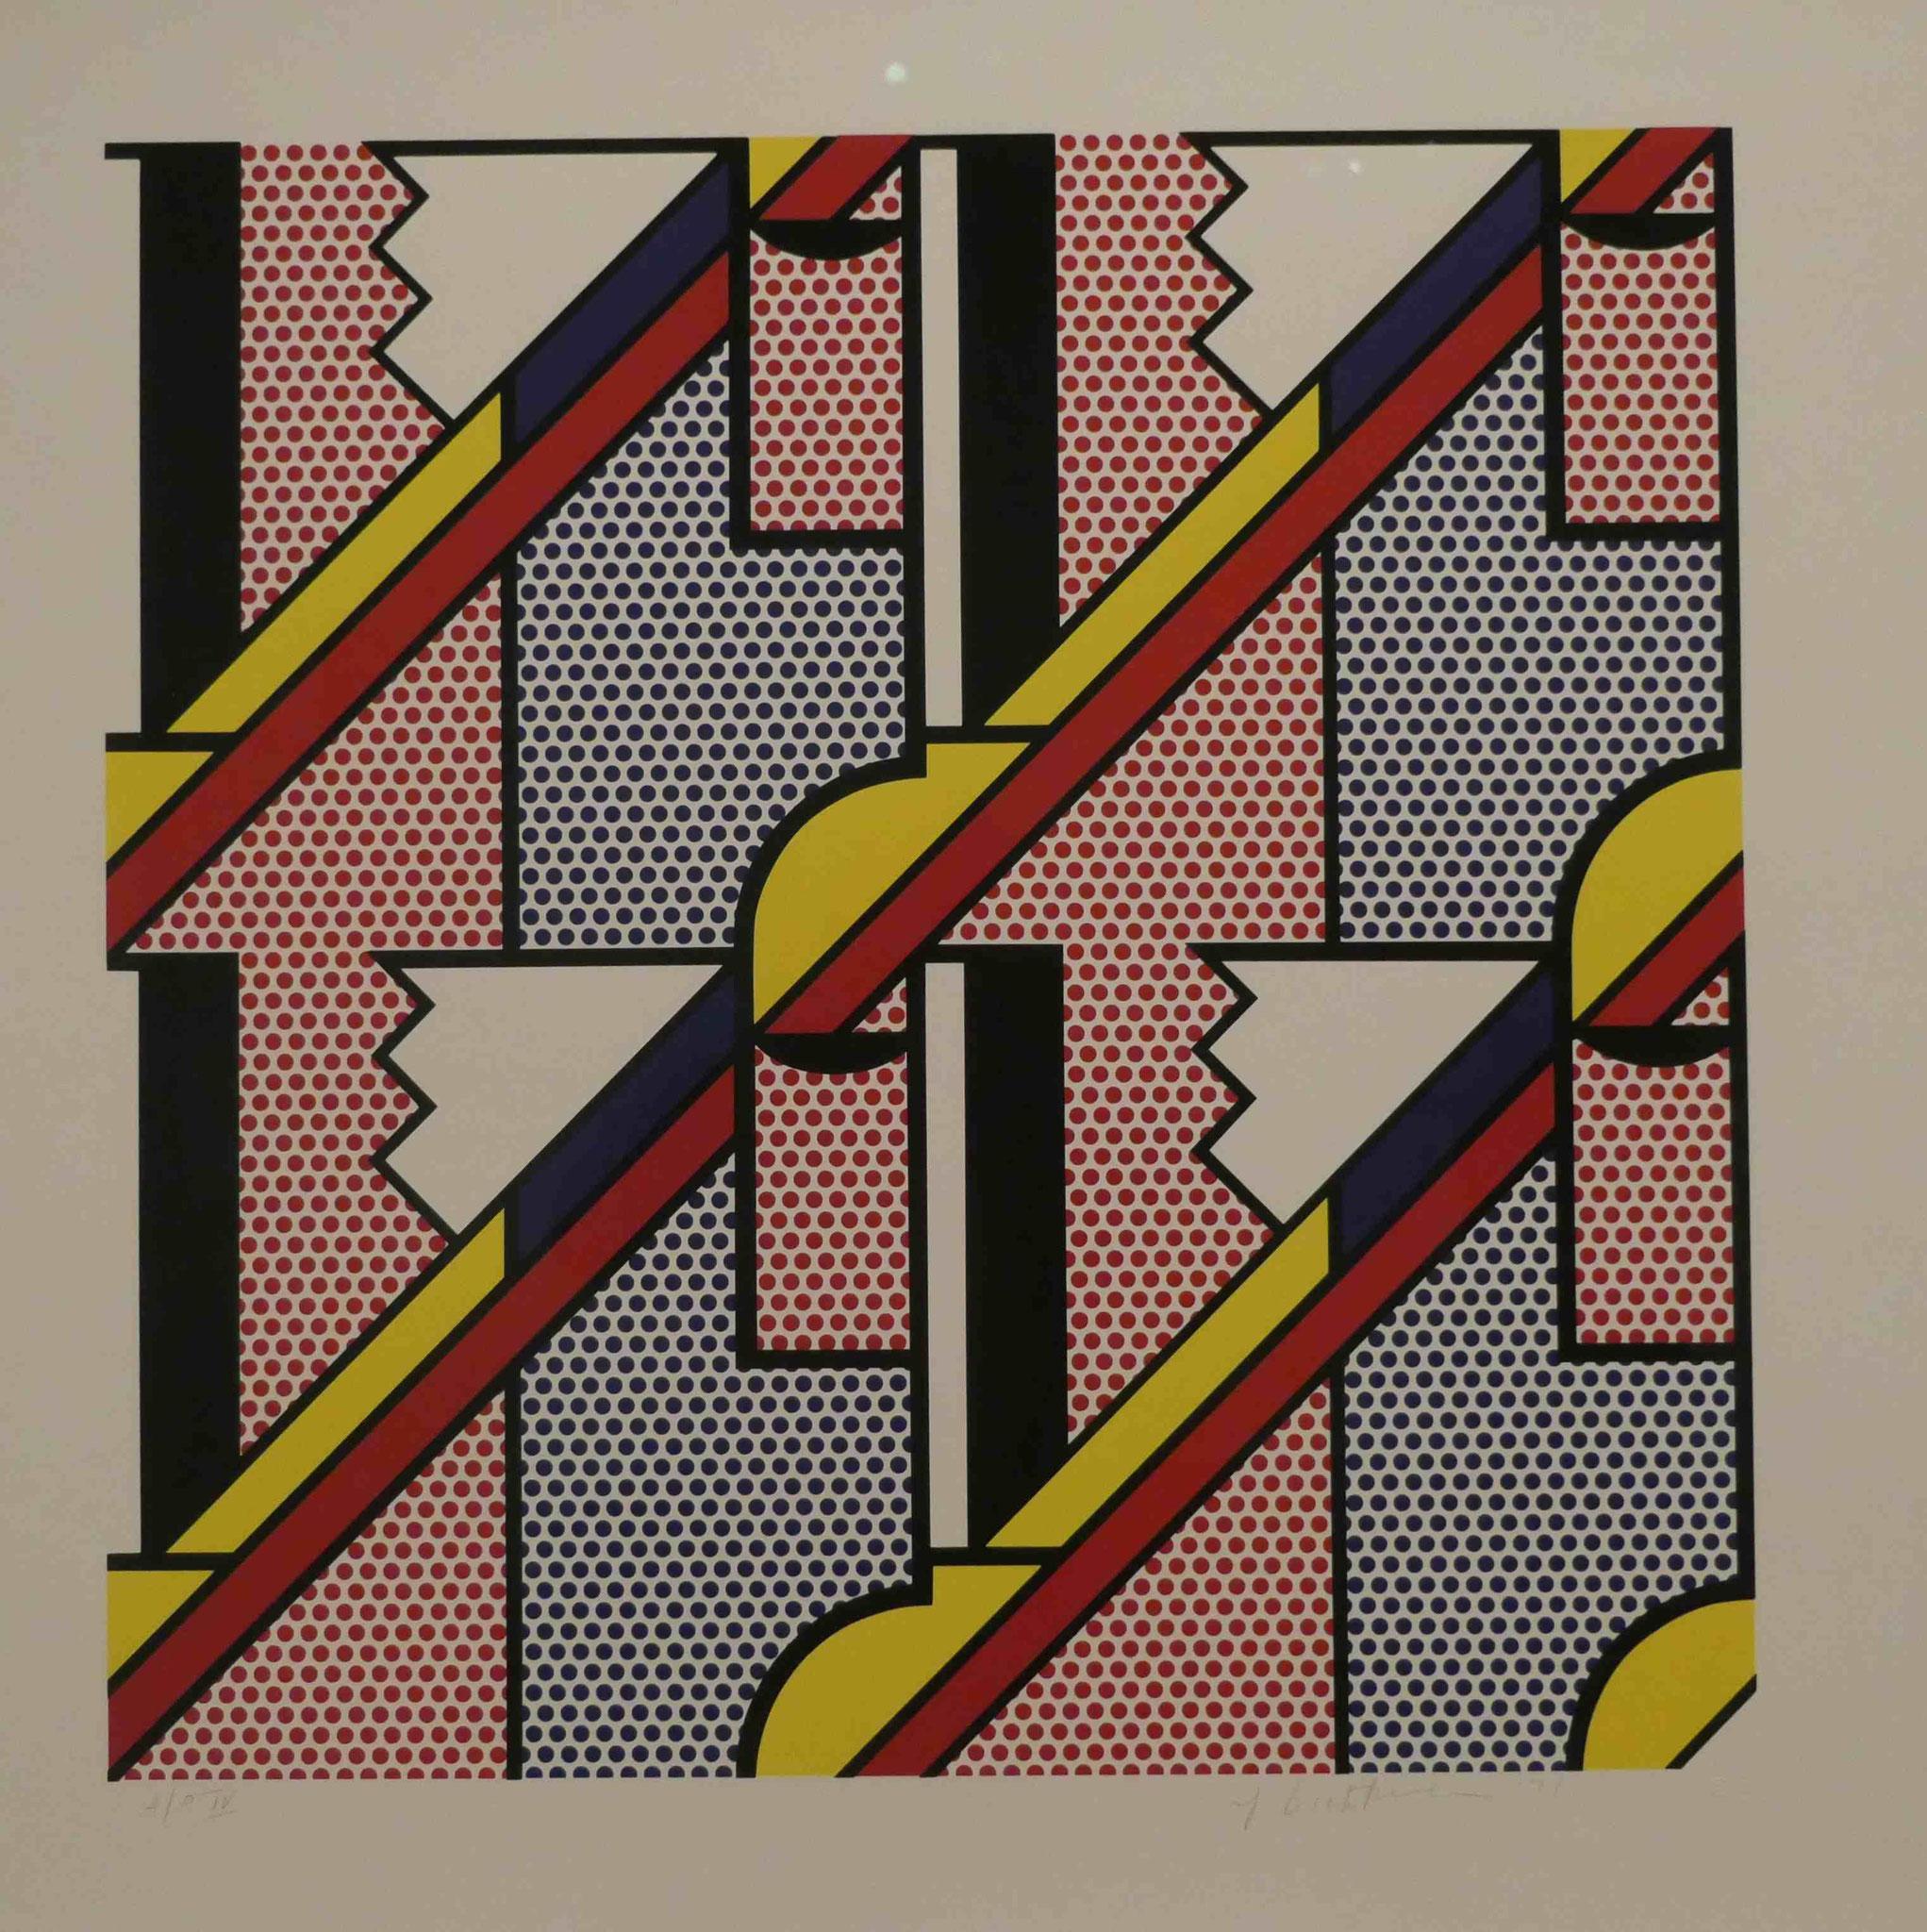 Roy Lichtenstein, Modern Print, Lithograpie und Siebdruck, 1971, Nationalgalerie Berlin